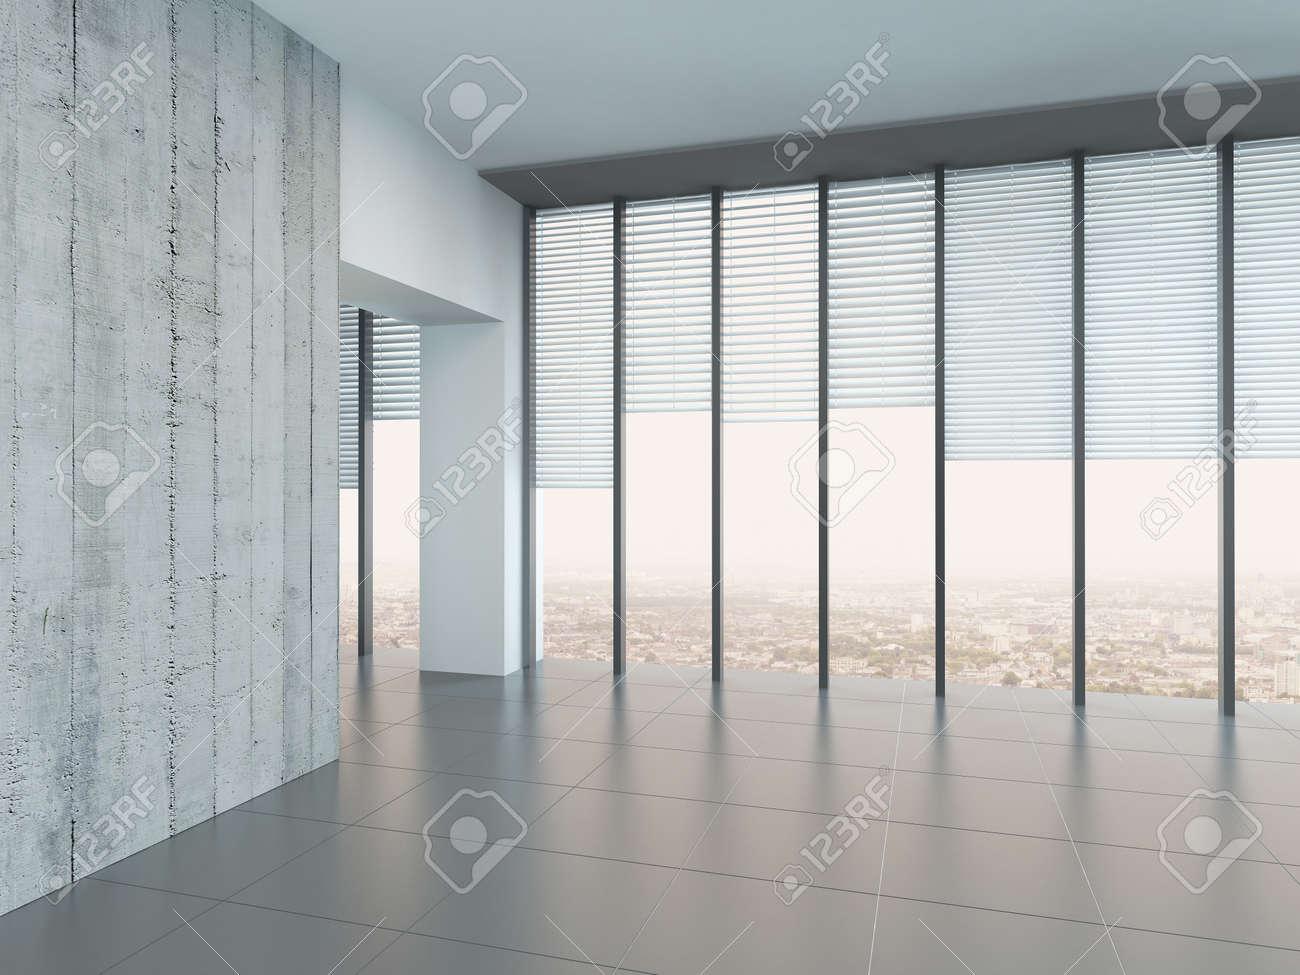 Chambre à Air Lumineux Vide Avec Des Murs Gris Clair Et Le Sol Et De ...